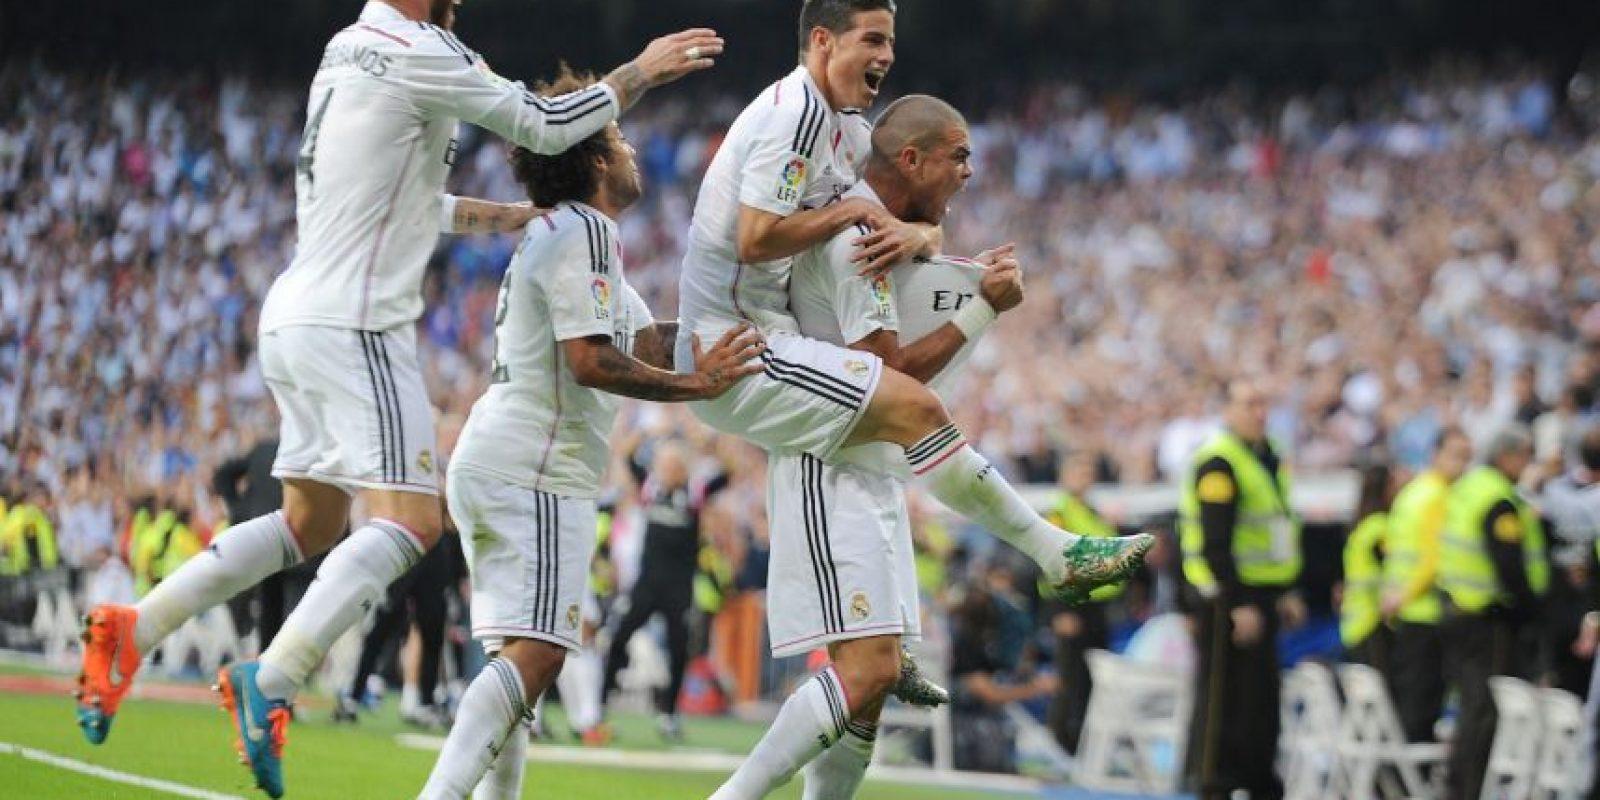 El saldo total de enfrentamientos en partidos de La Liga favorece al Real Madrid que tiene 71 victorias por 68 del Barcelona, con 32 empates. Foto:Getty Images